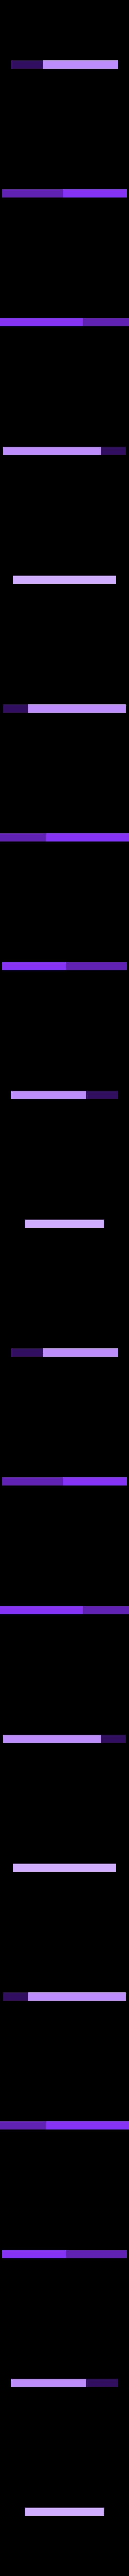 Body6.stl Télécharger fichier STL gratuit Moule à chaussettes en silicone Anycubic Silicone • Objet imprimable en 3D, Domi1988